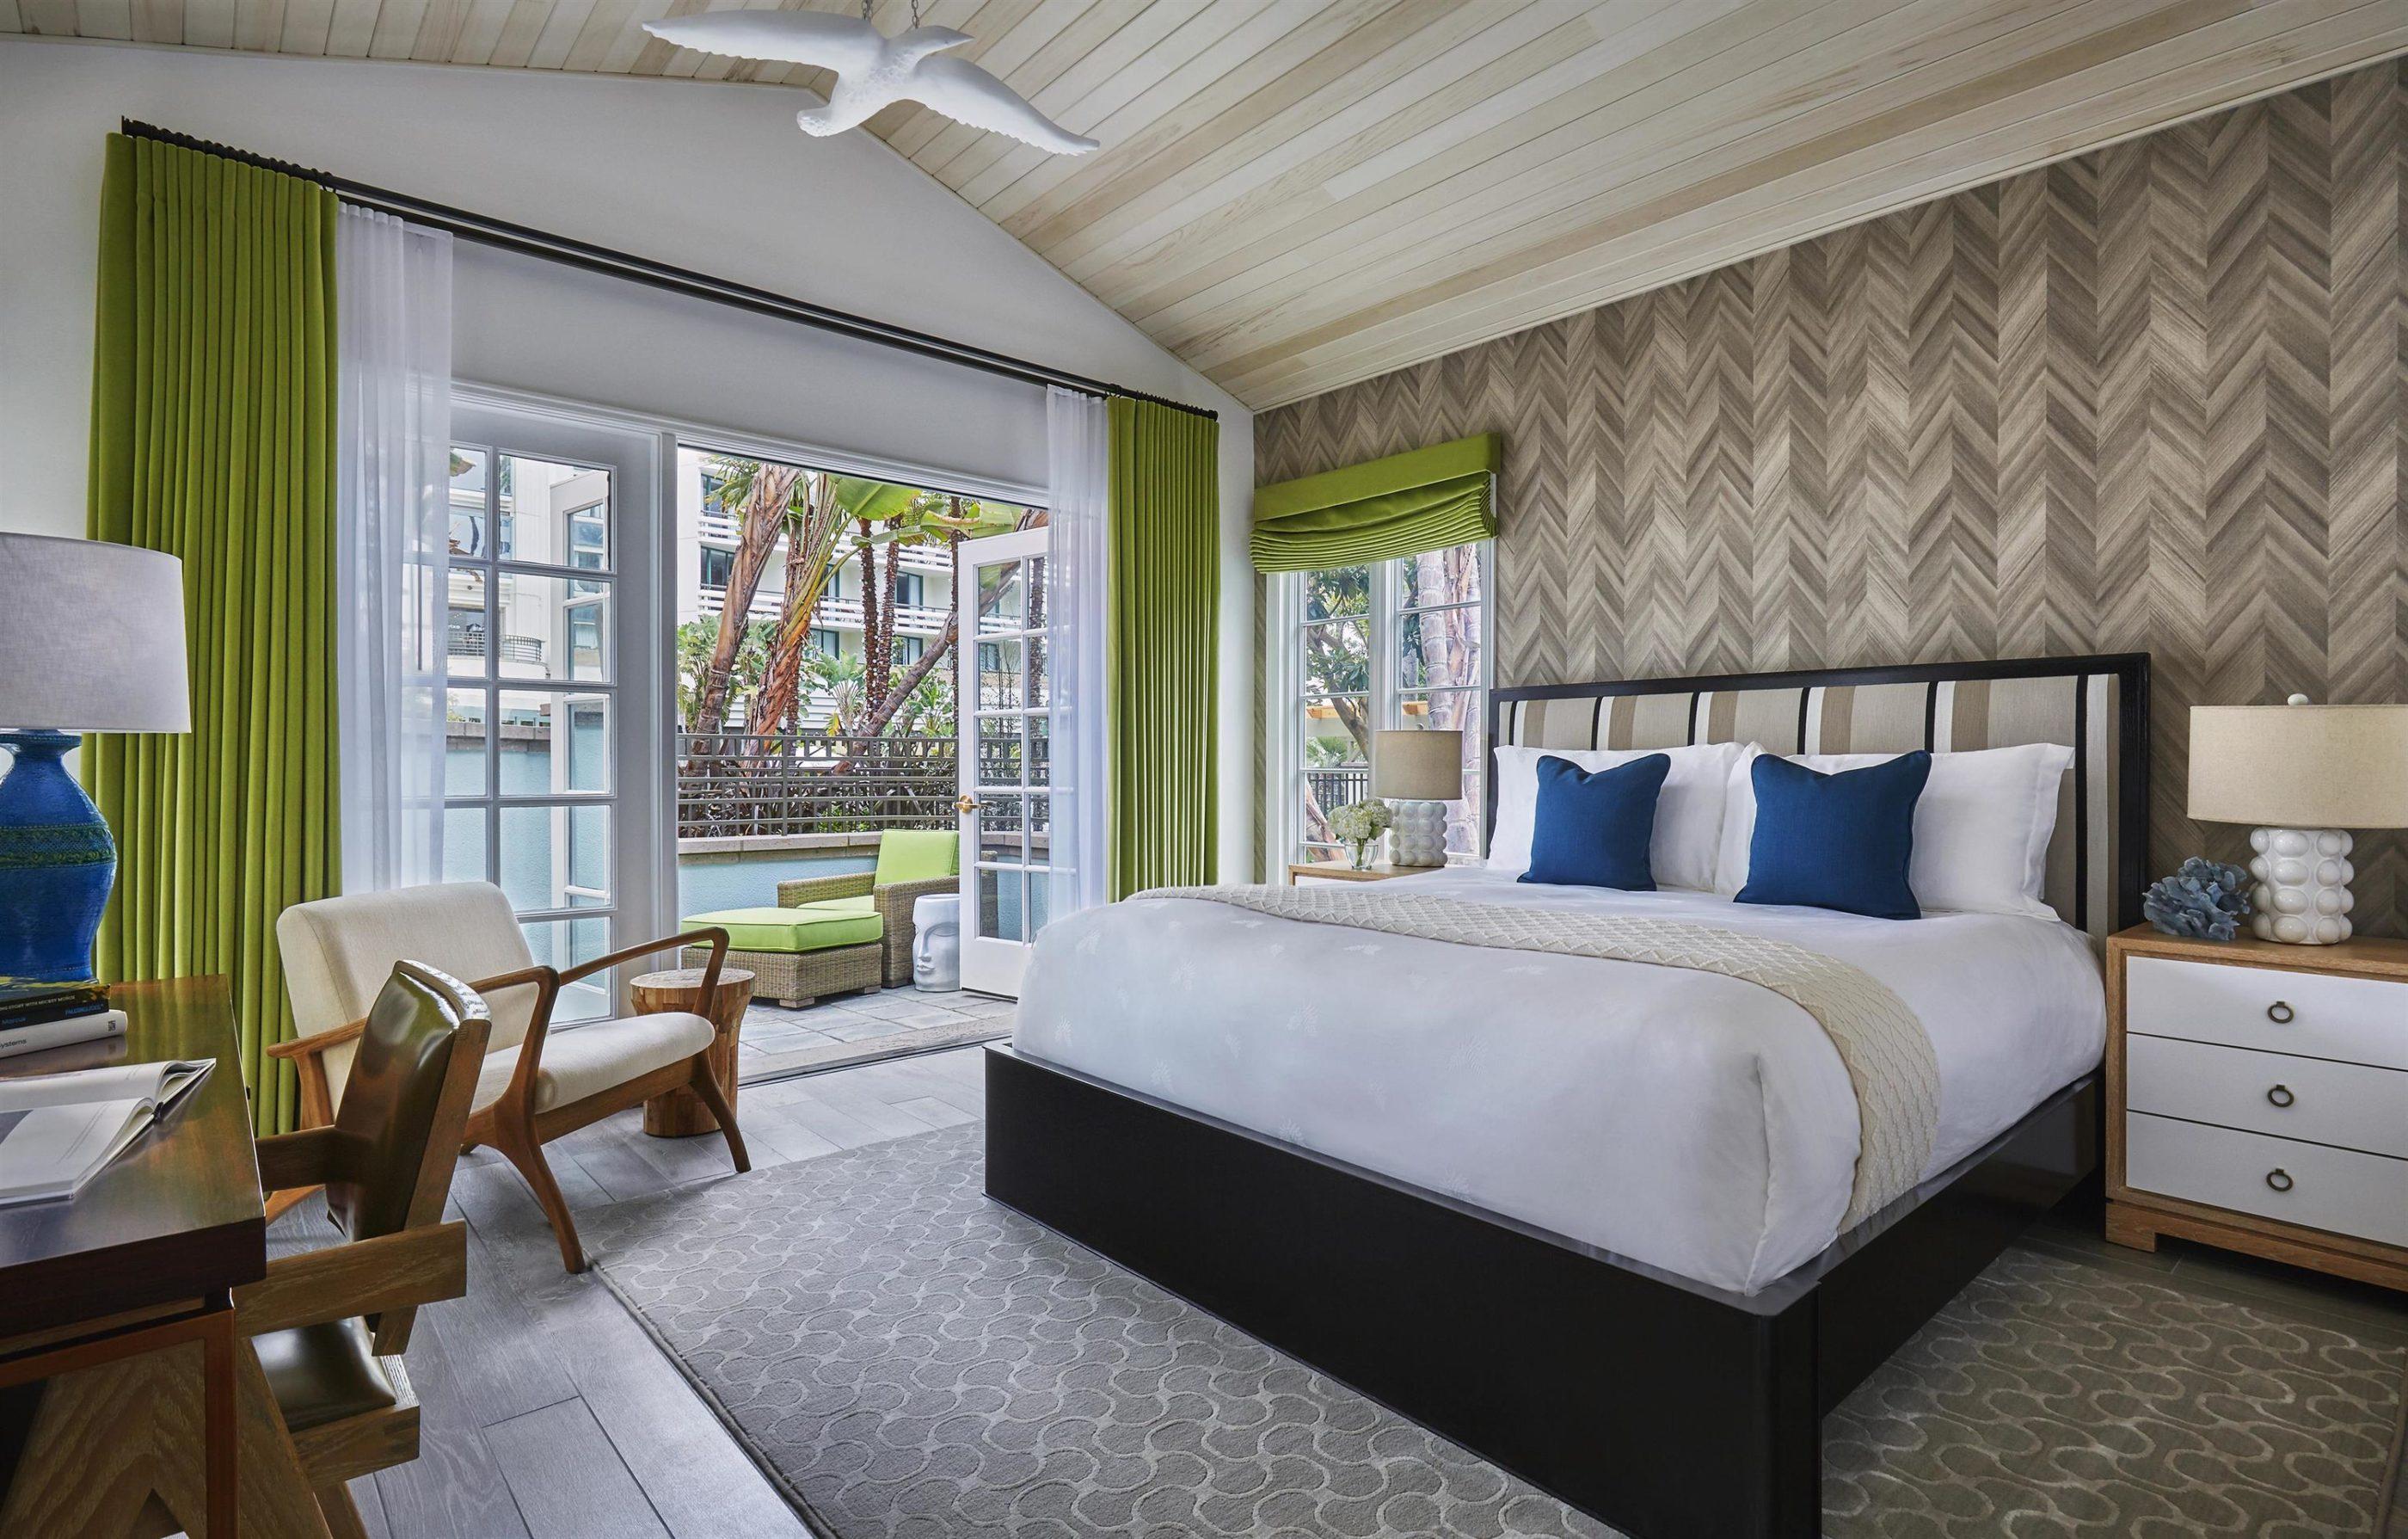 Signature Bungalow room at Fairmont Miramar Hotel and Bungalows in Santa Monica